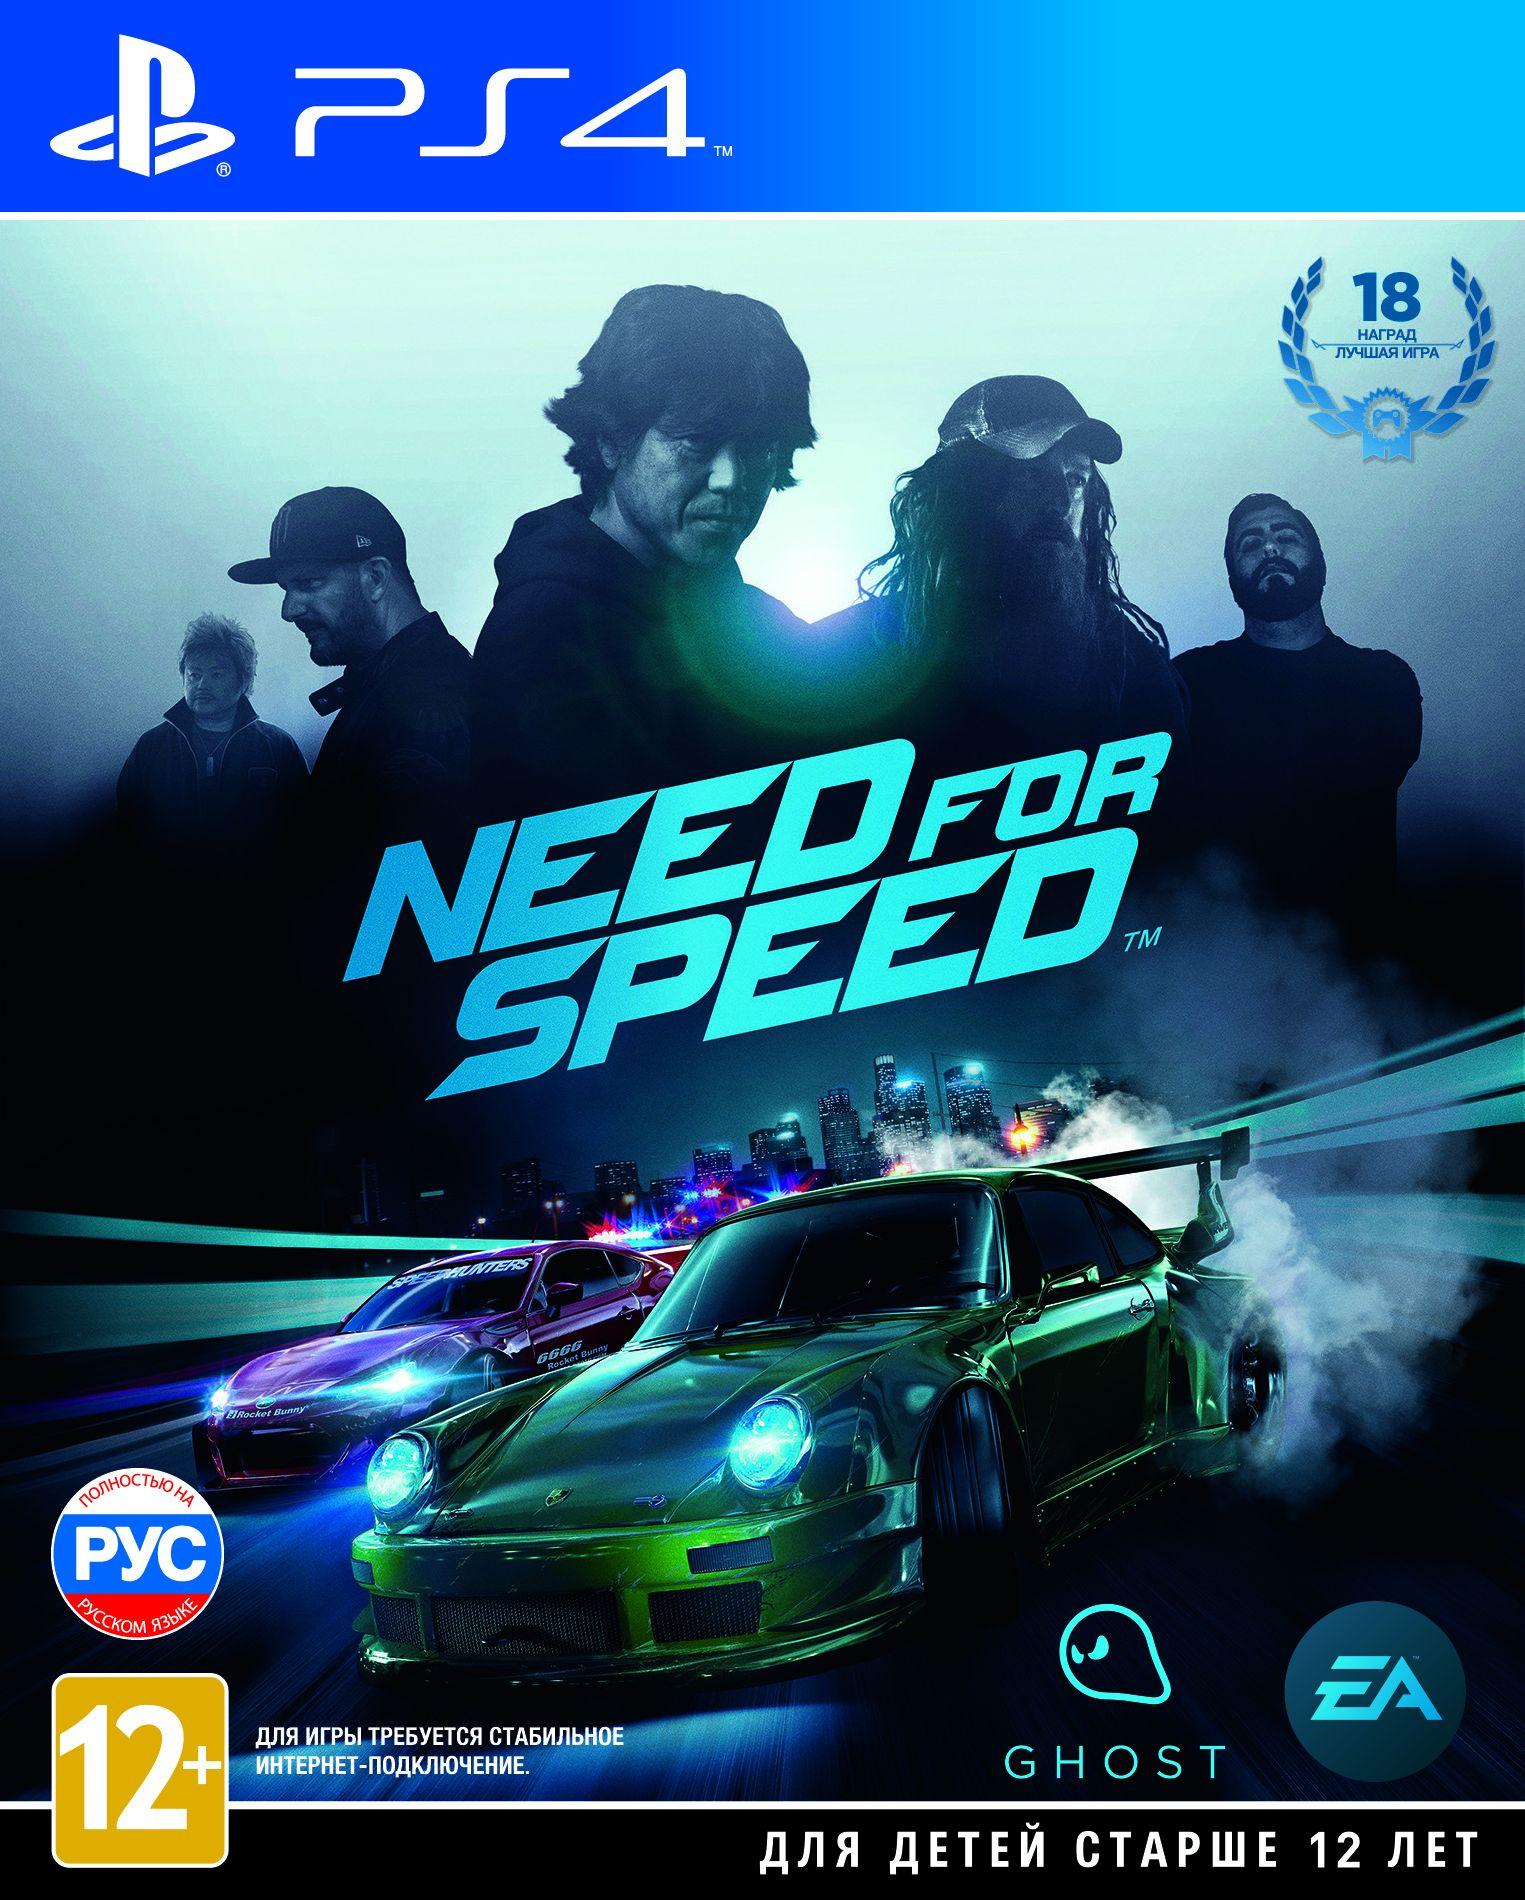 Свежая Need for Speed вышла в России